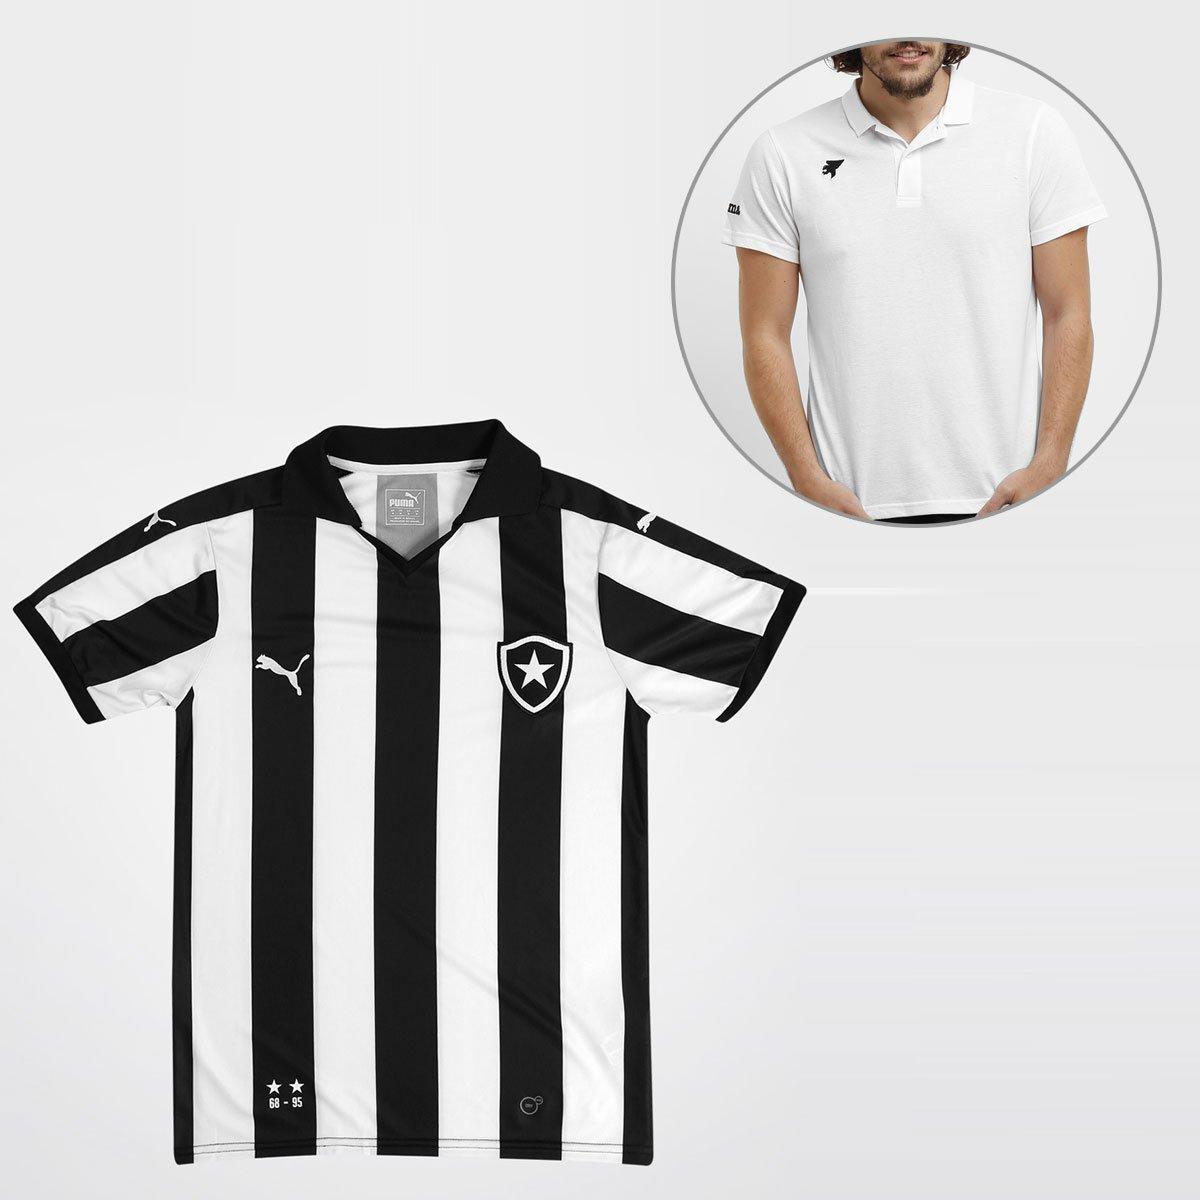 a71f0ed554ced Camisa Puma Botafogo I 15 16 s nº + Camisa Polo Joma - Compre Agora ...